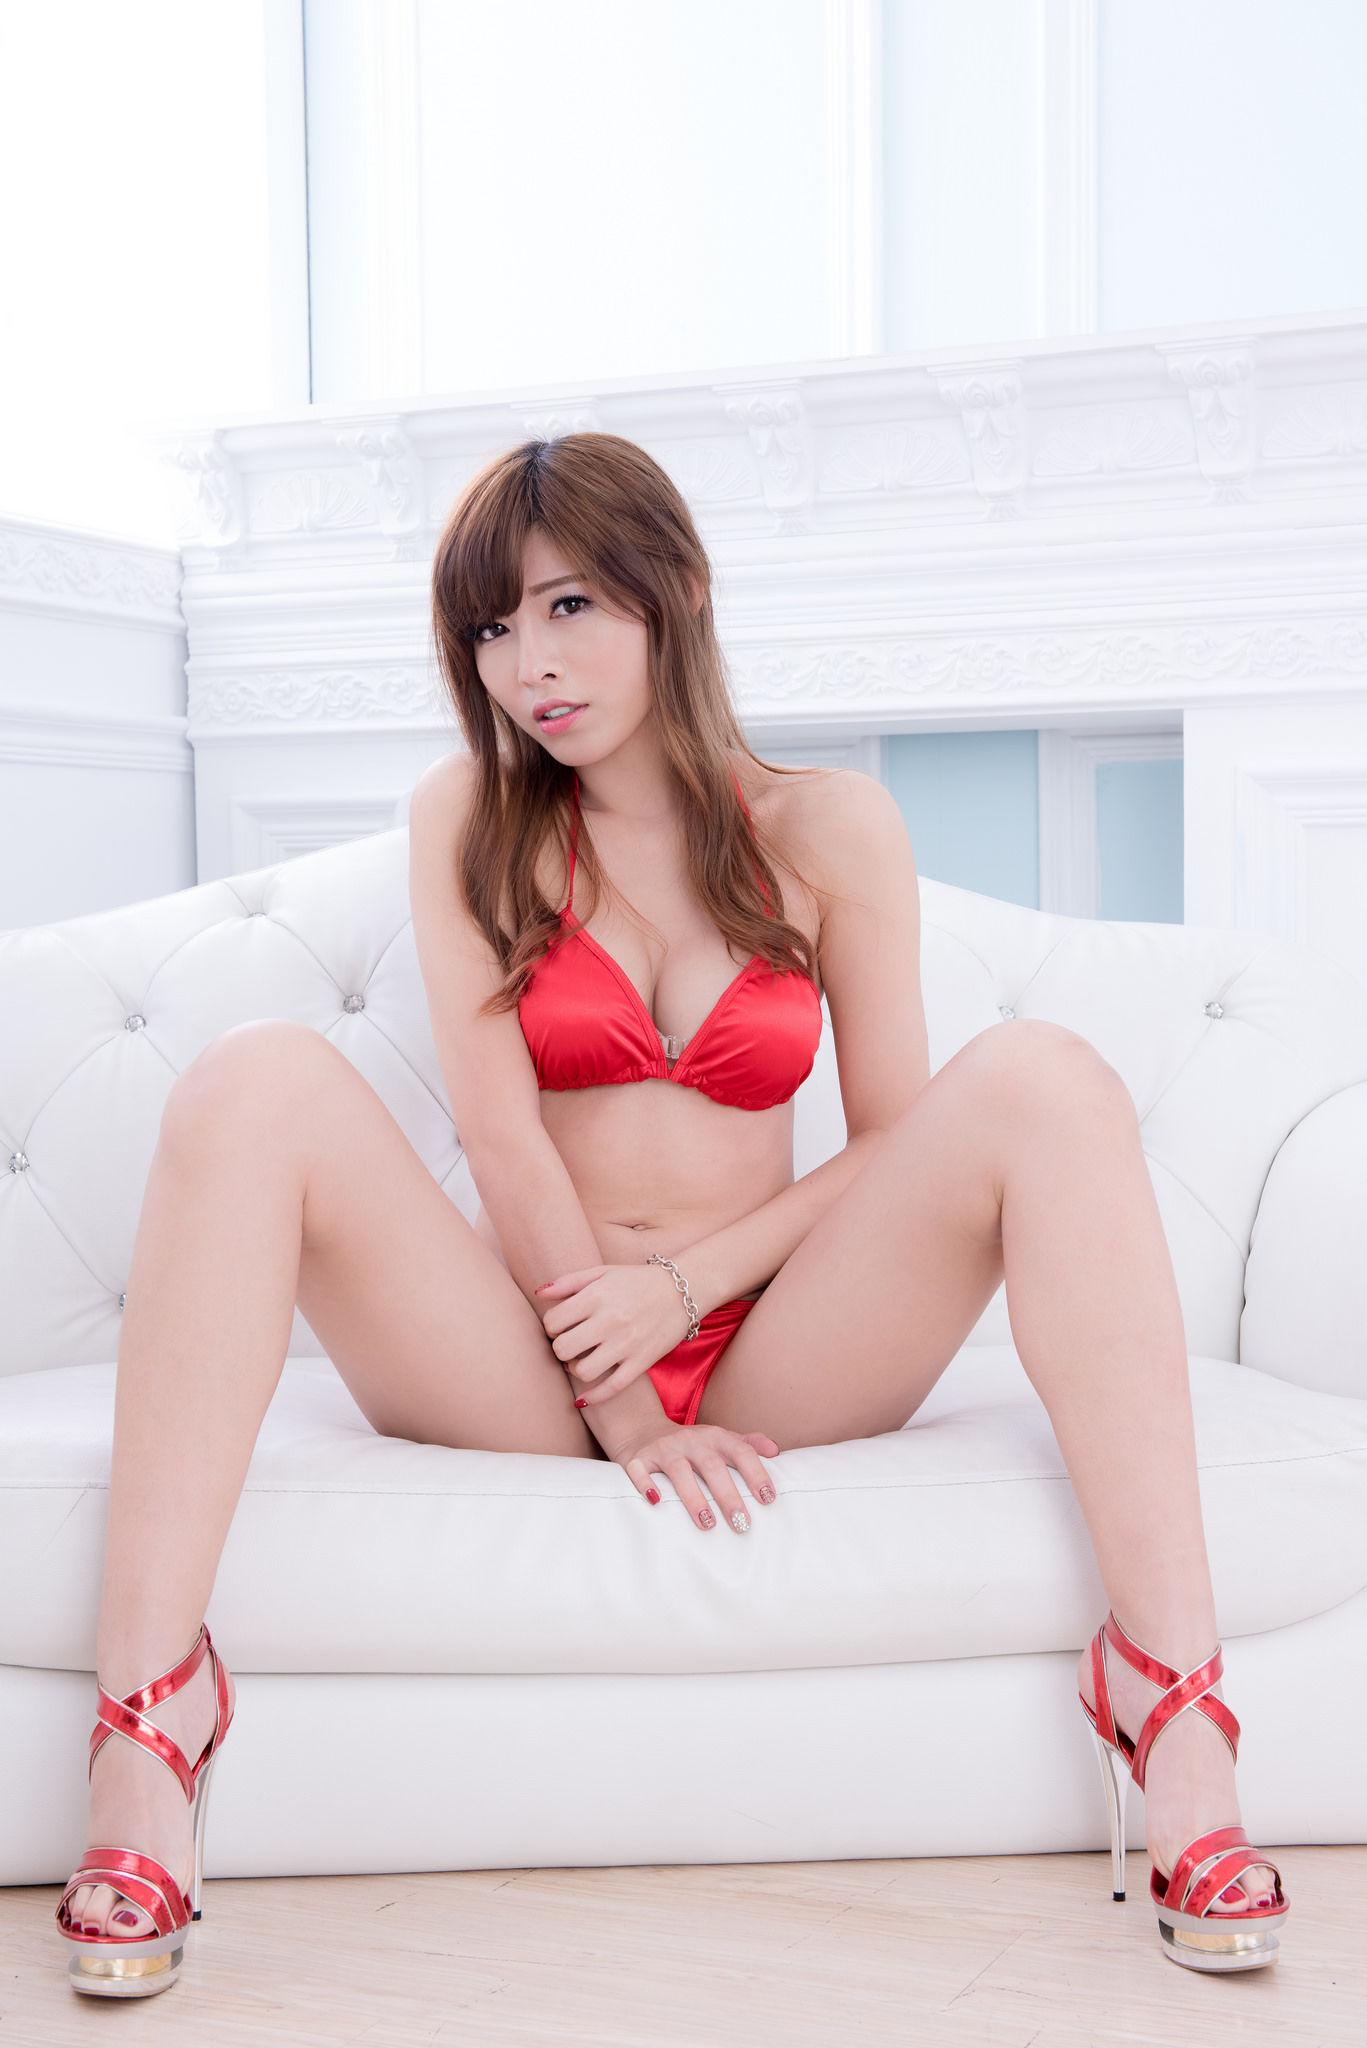 VOL.1841 [台湾正妹]美腿熟女:廖坎蒂(冰山美人)超高清个人性感漂亮大图(31P)